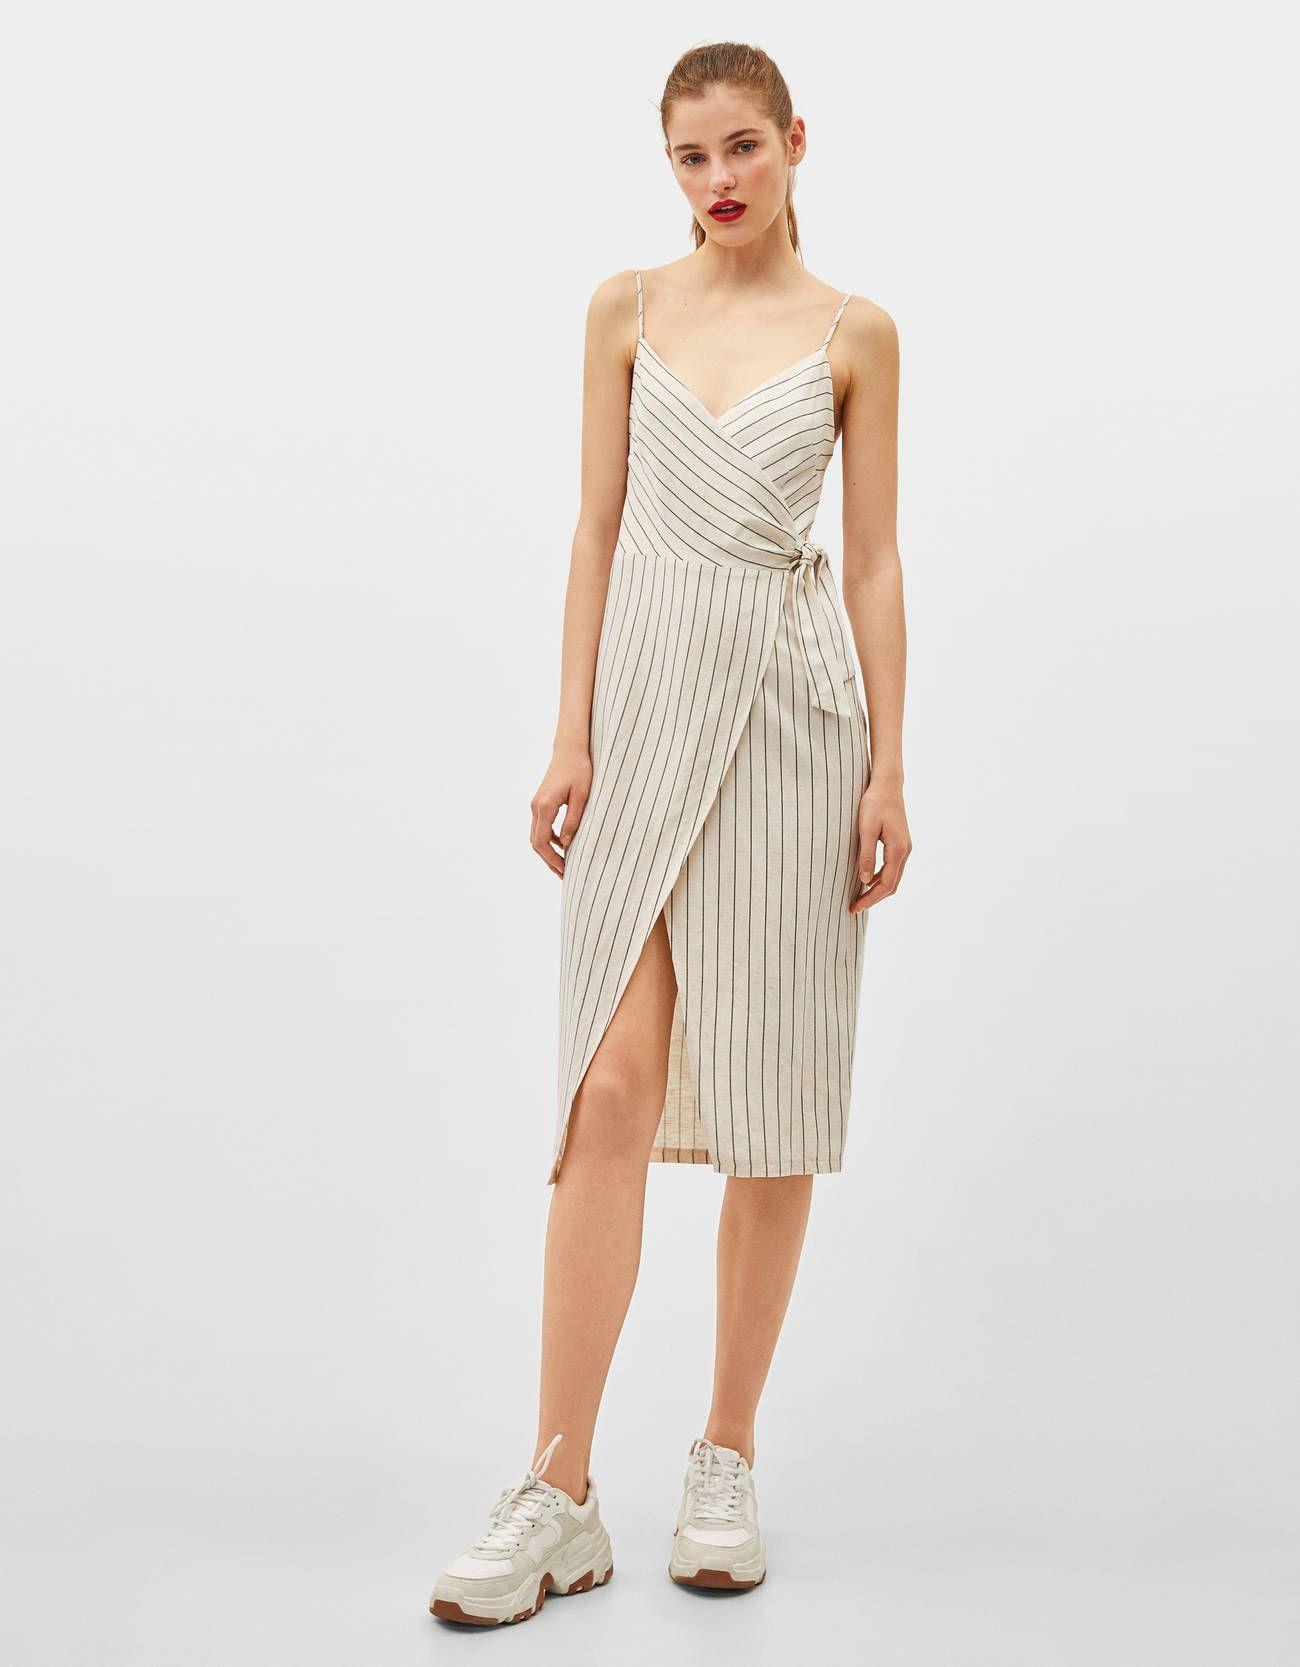 Este vestido de Bershka tiene un diseño que hace que tu escote se vea espectacular tengas la talla que tengas